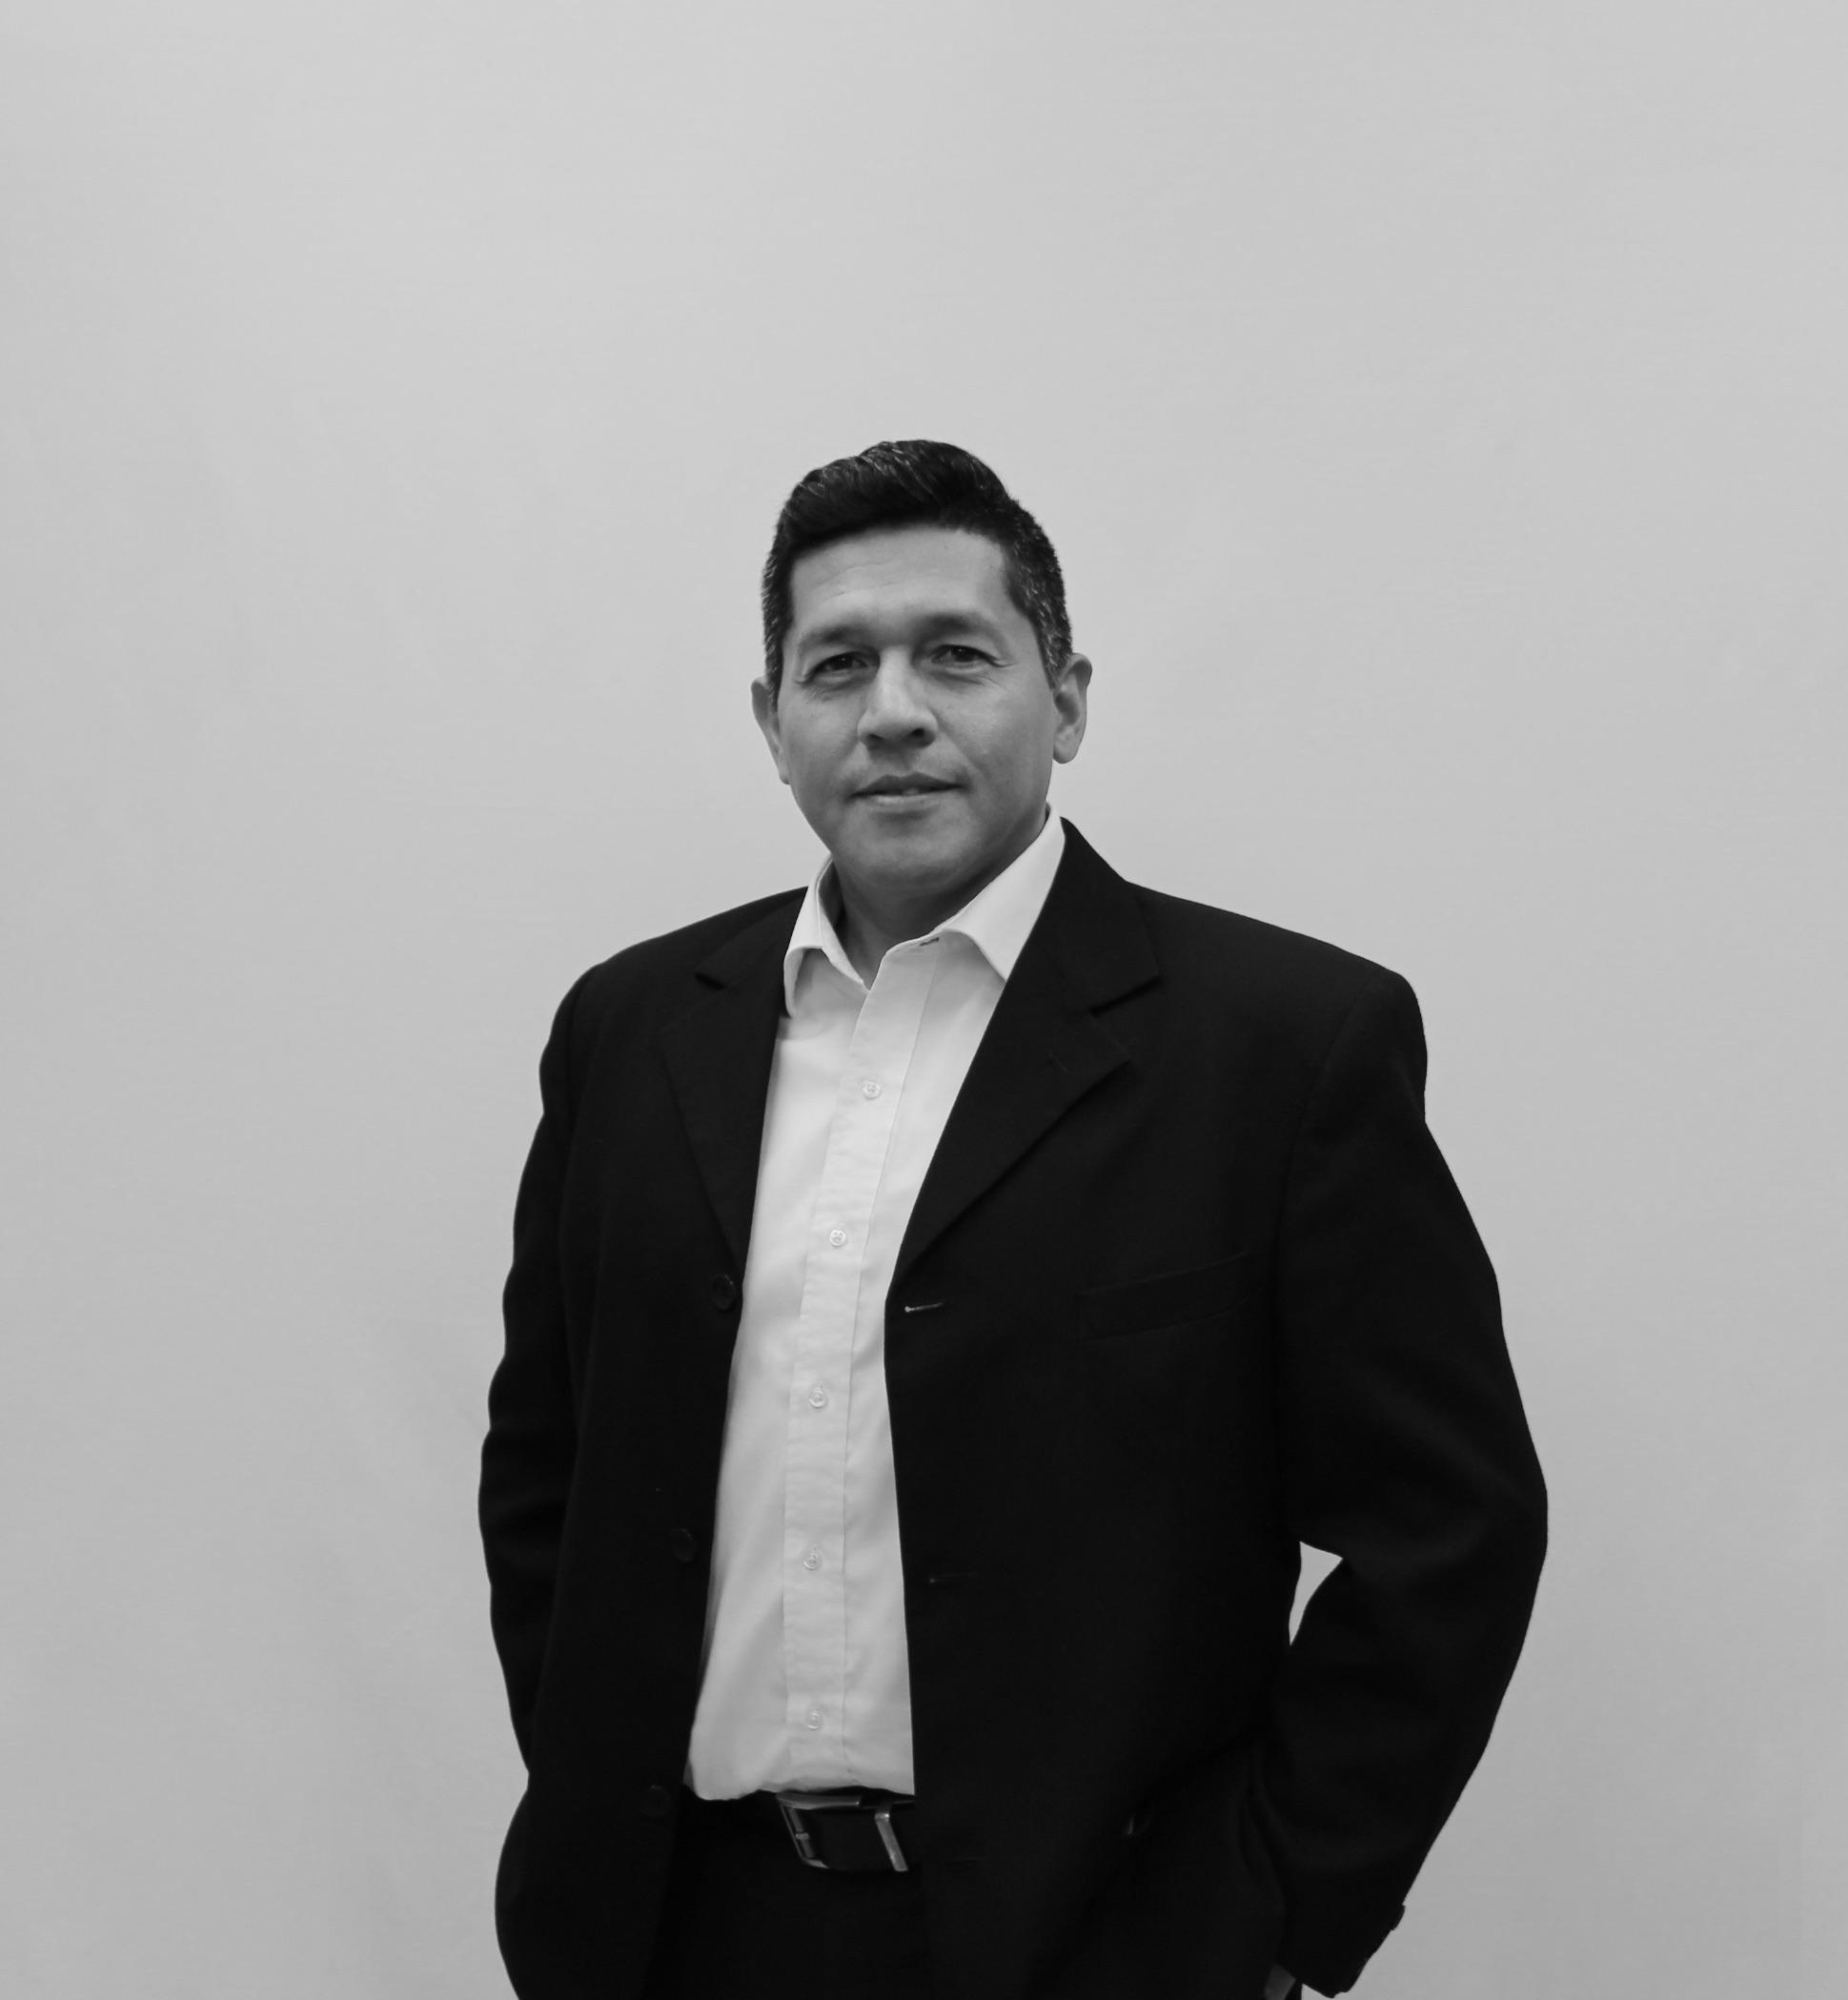 Carlos <br>Ayala Paredes